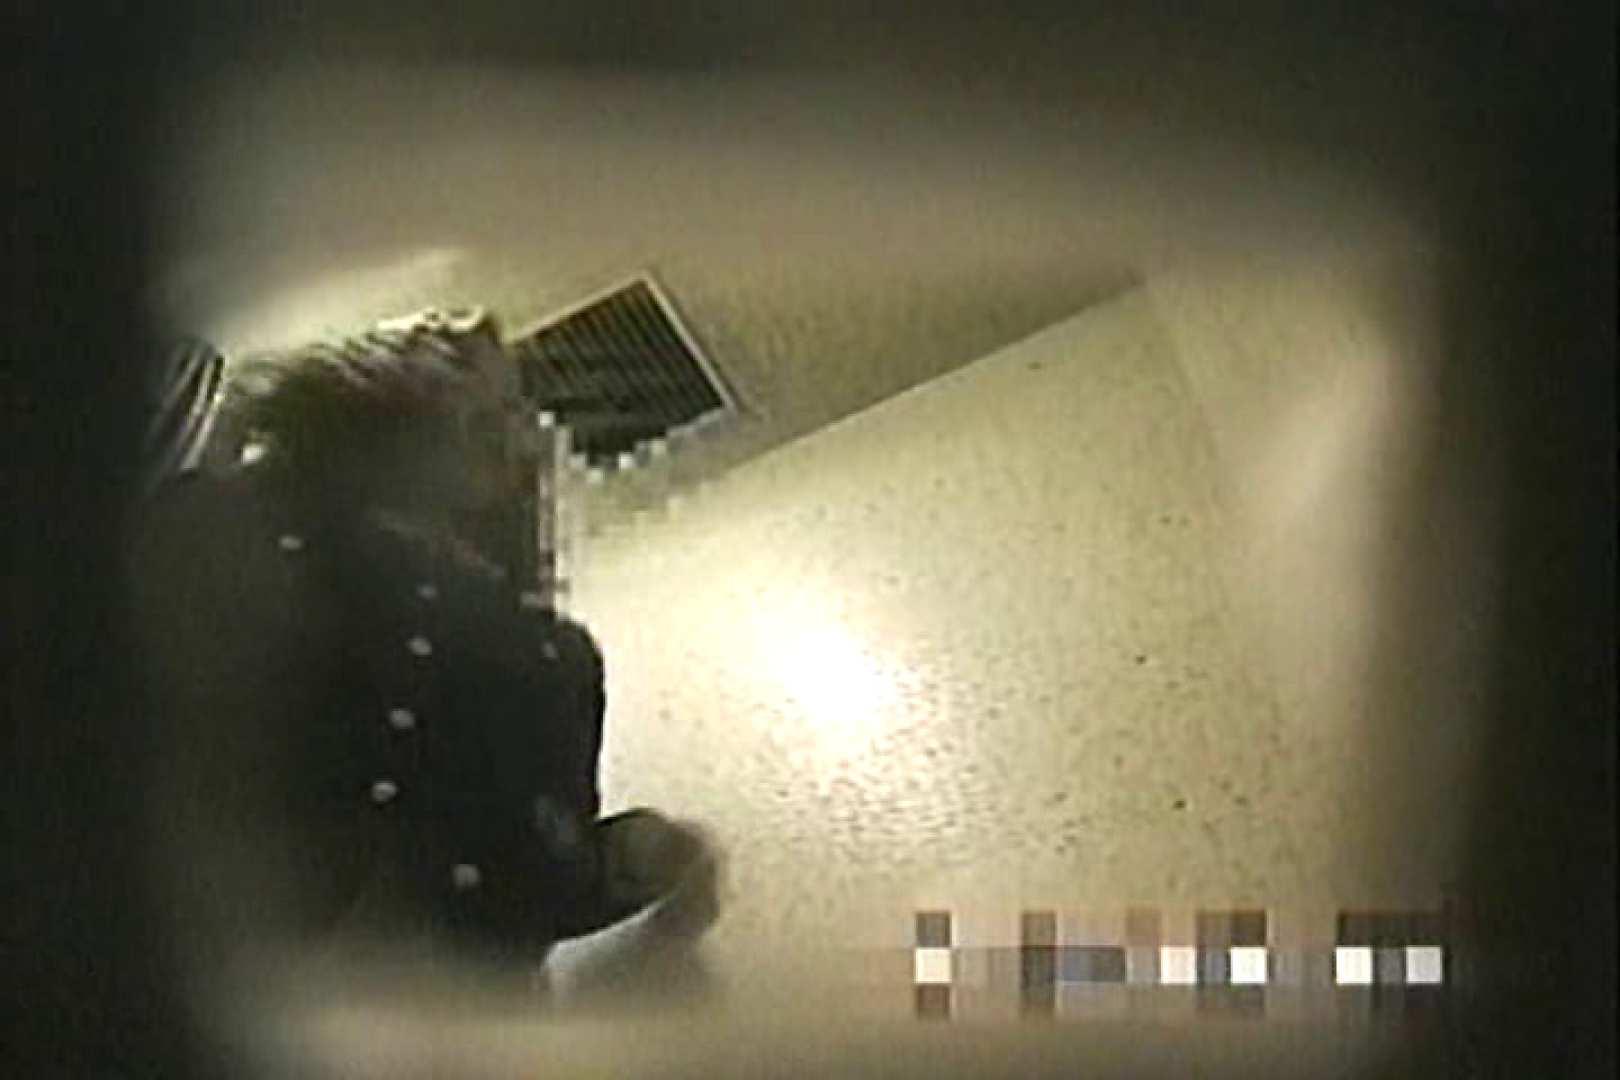 女子洗面所盗撮 今度の2カメは若い子だらけ  TK-127 おまんこ オマンコ動画キャプチャ 73PIX 38